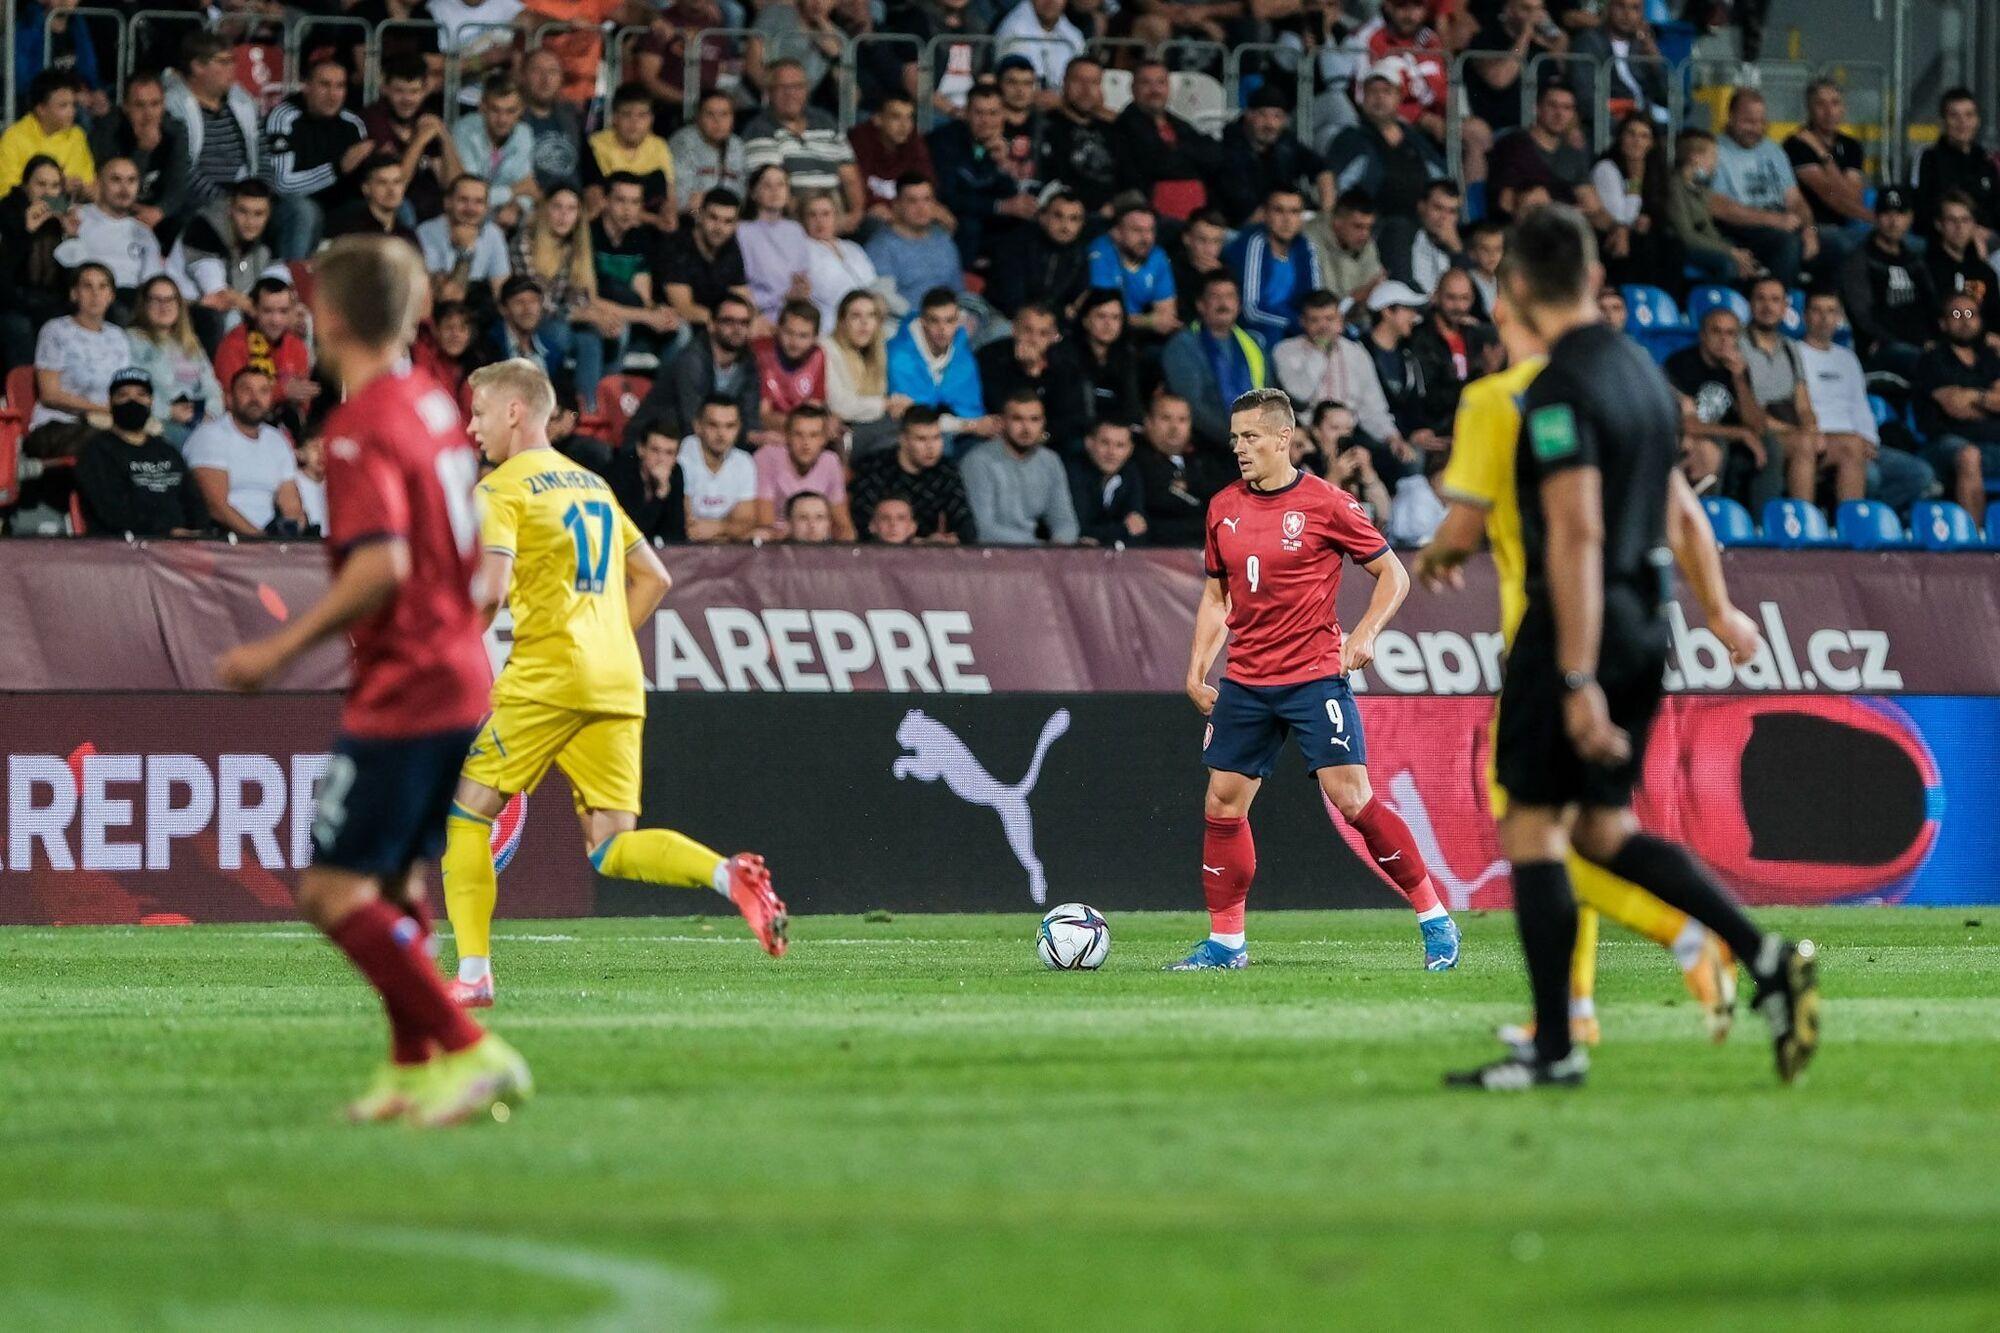 Зінченко отримав жовту картку на другій хвилині